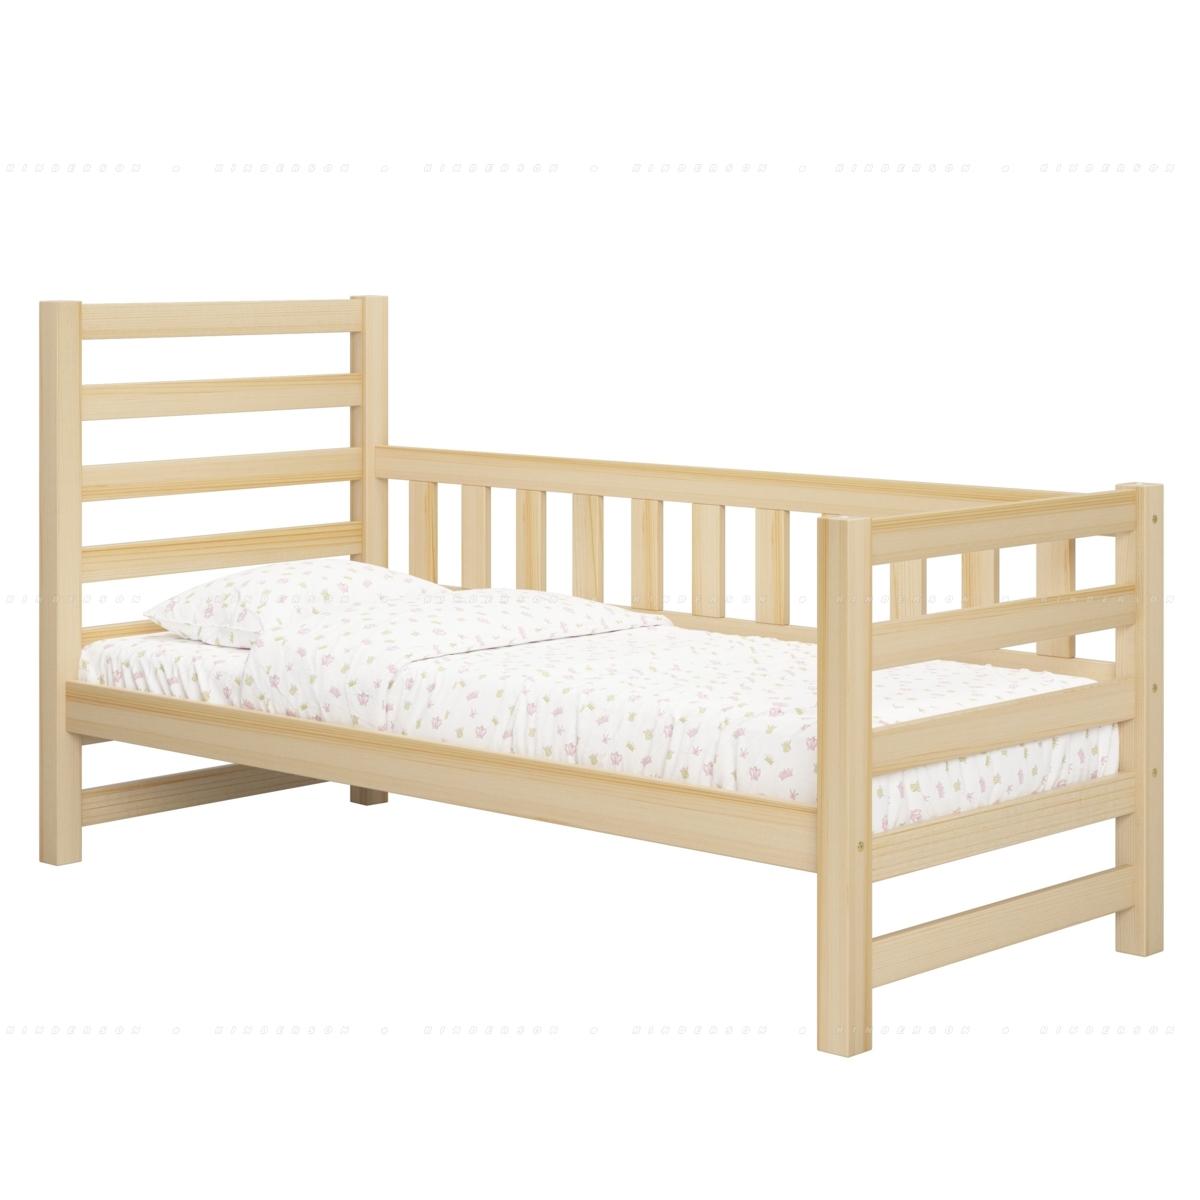 Бортик придает дополнительную жесткость кровати и выполняет функцию третей спинки, в доль которой можно разместить декоративные подушки.